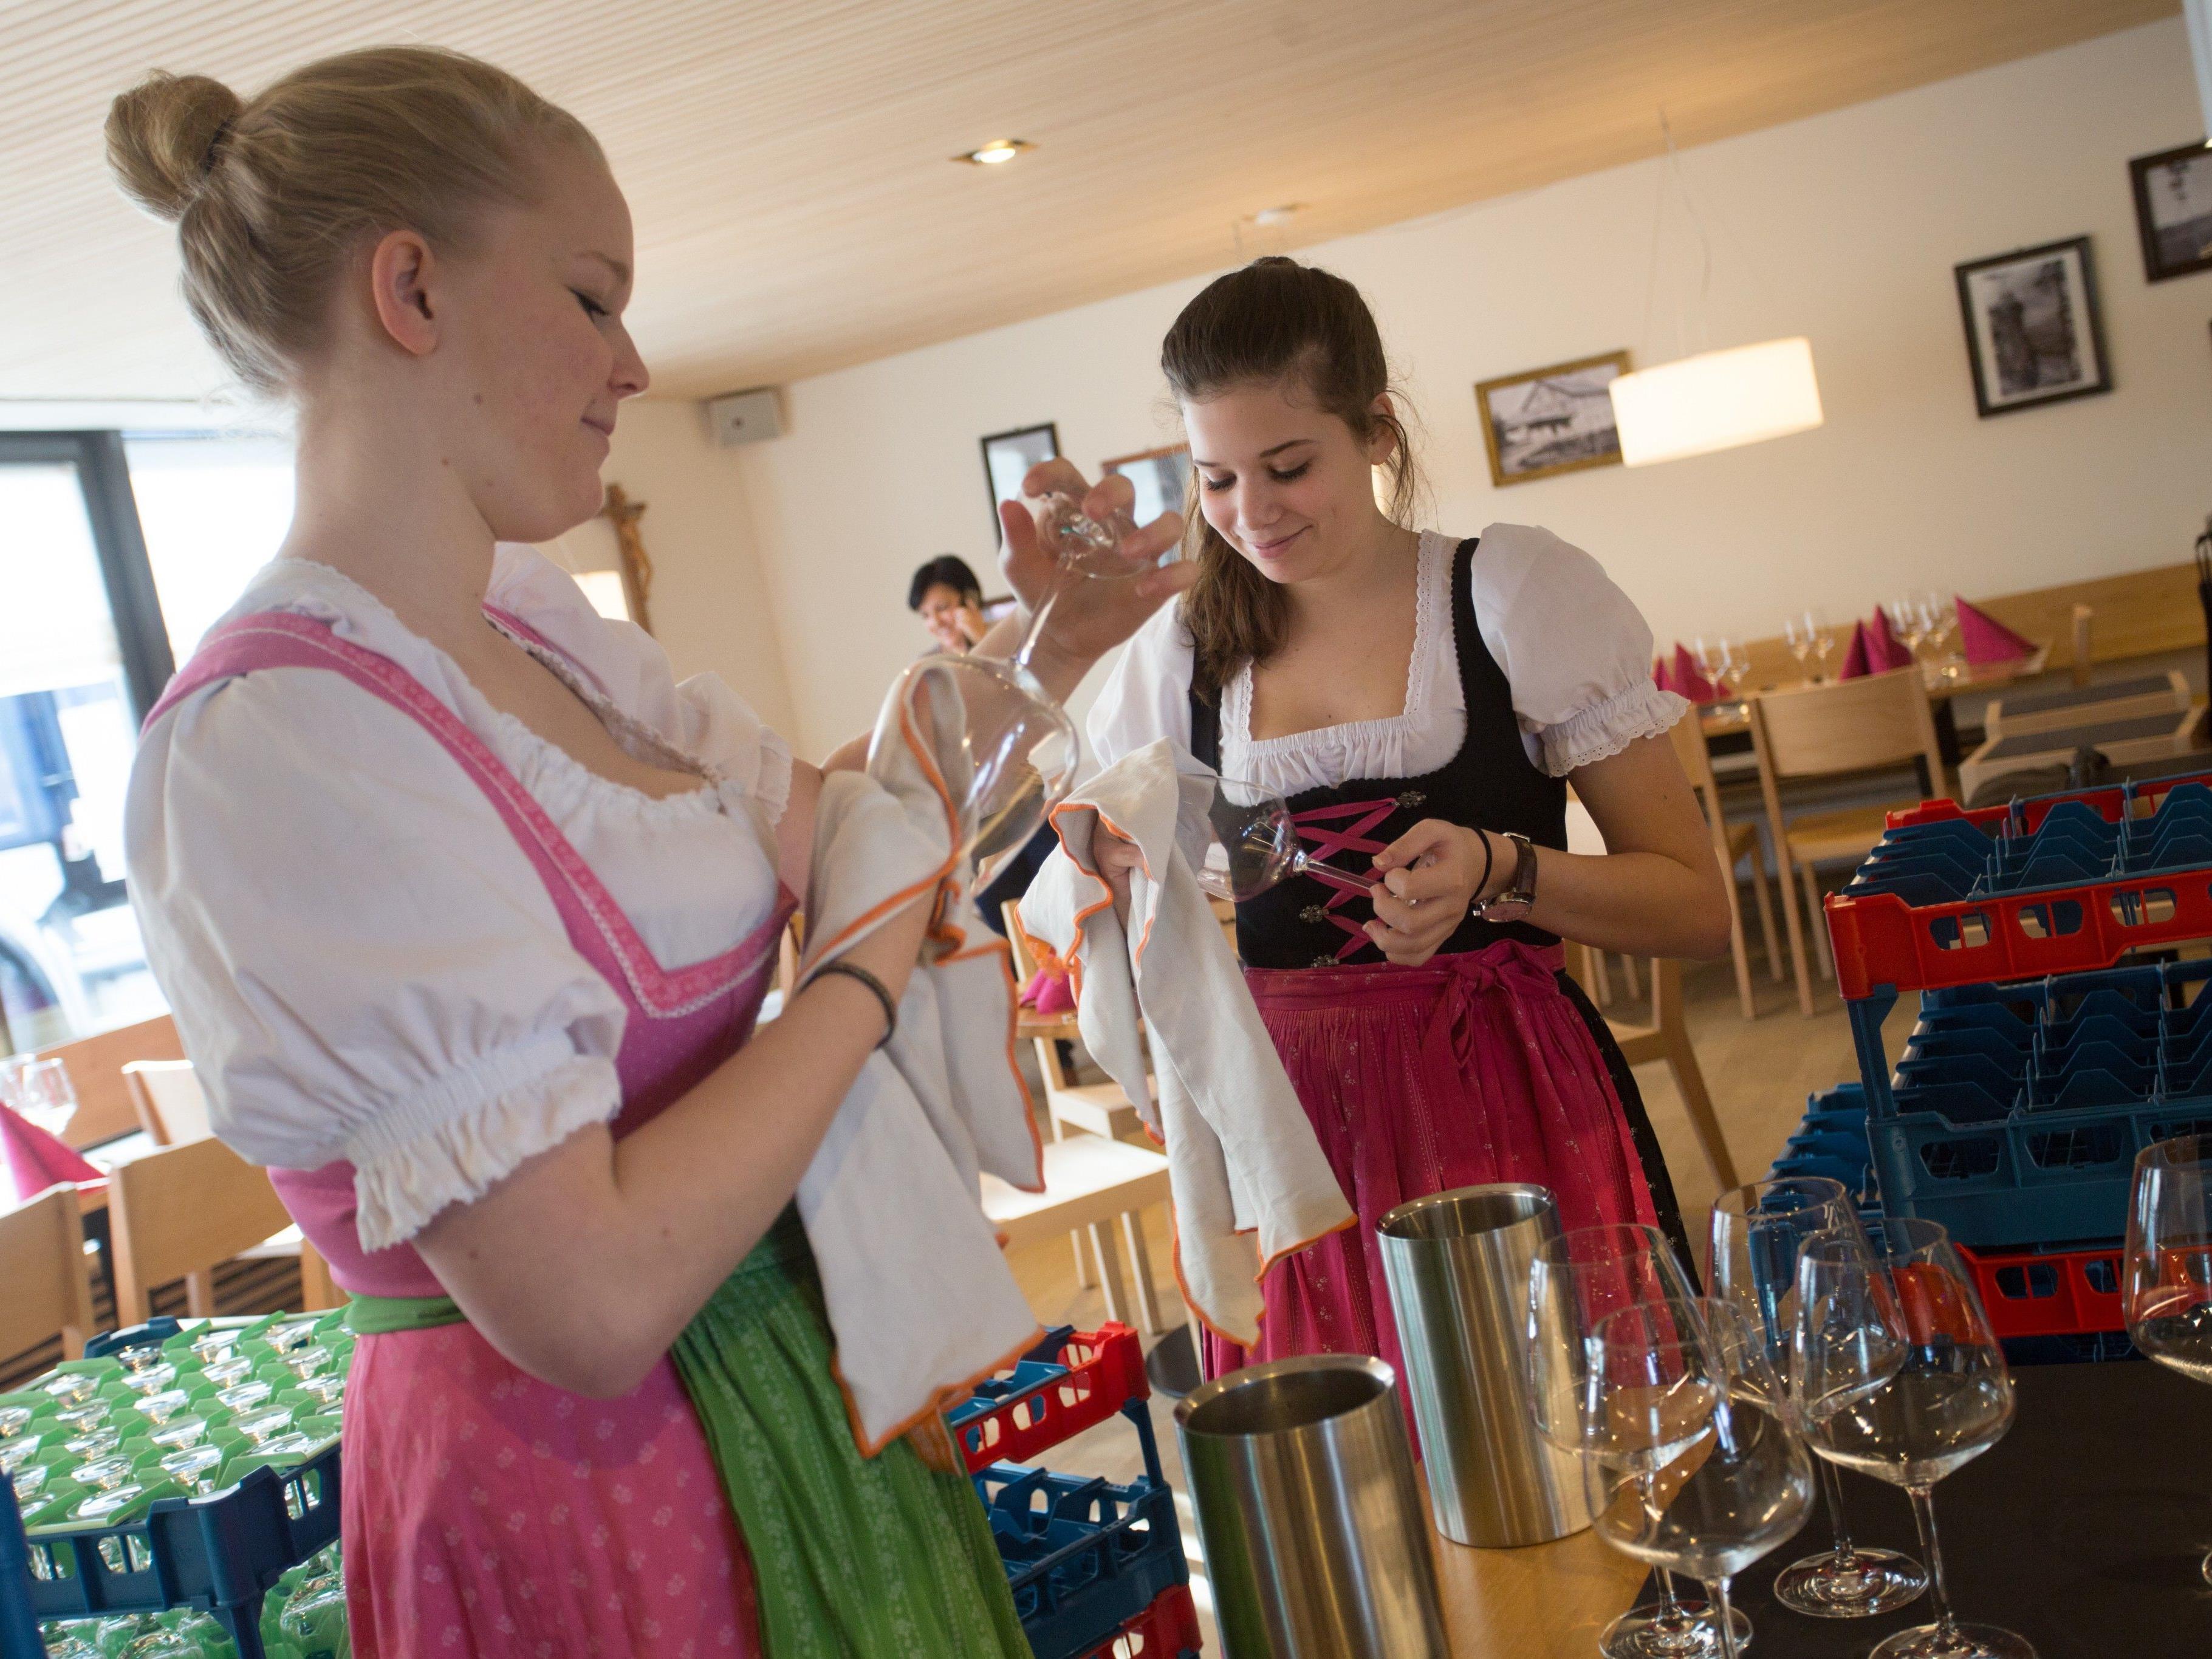 Stornogebühren in der GAstronomie dürften in Vorarlberg vorerst nicht drohen.